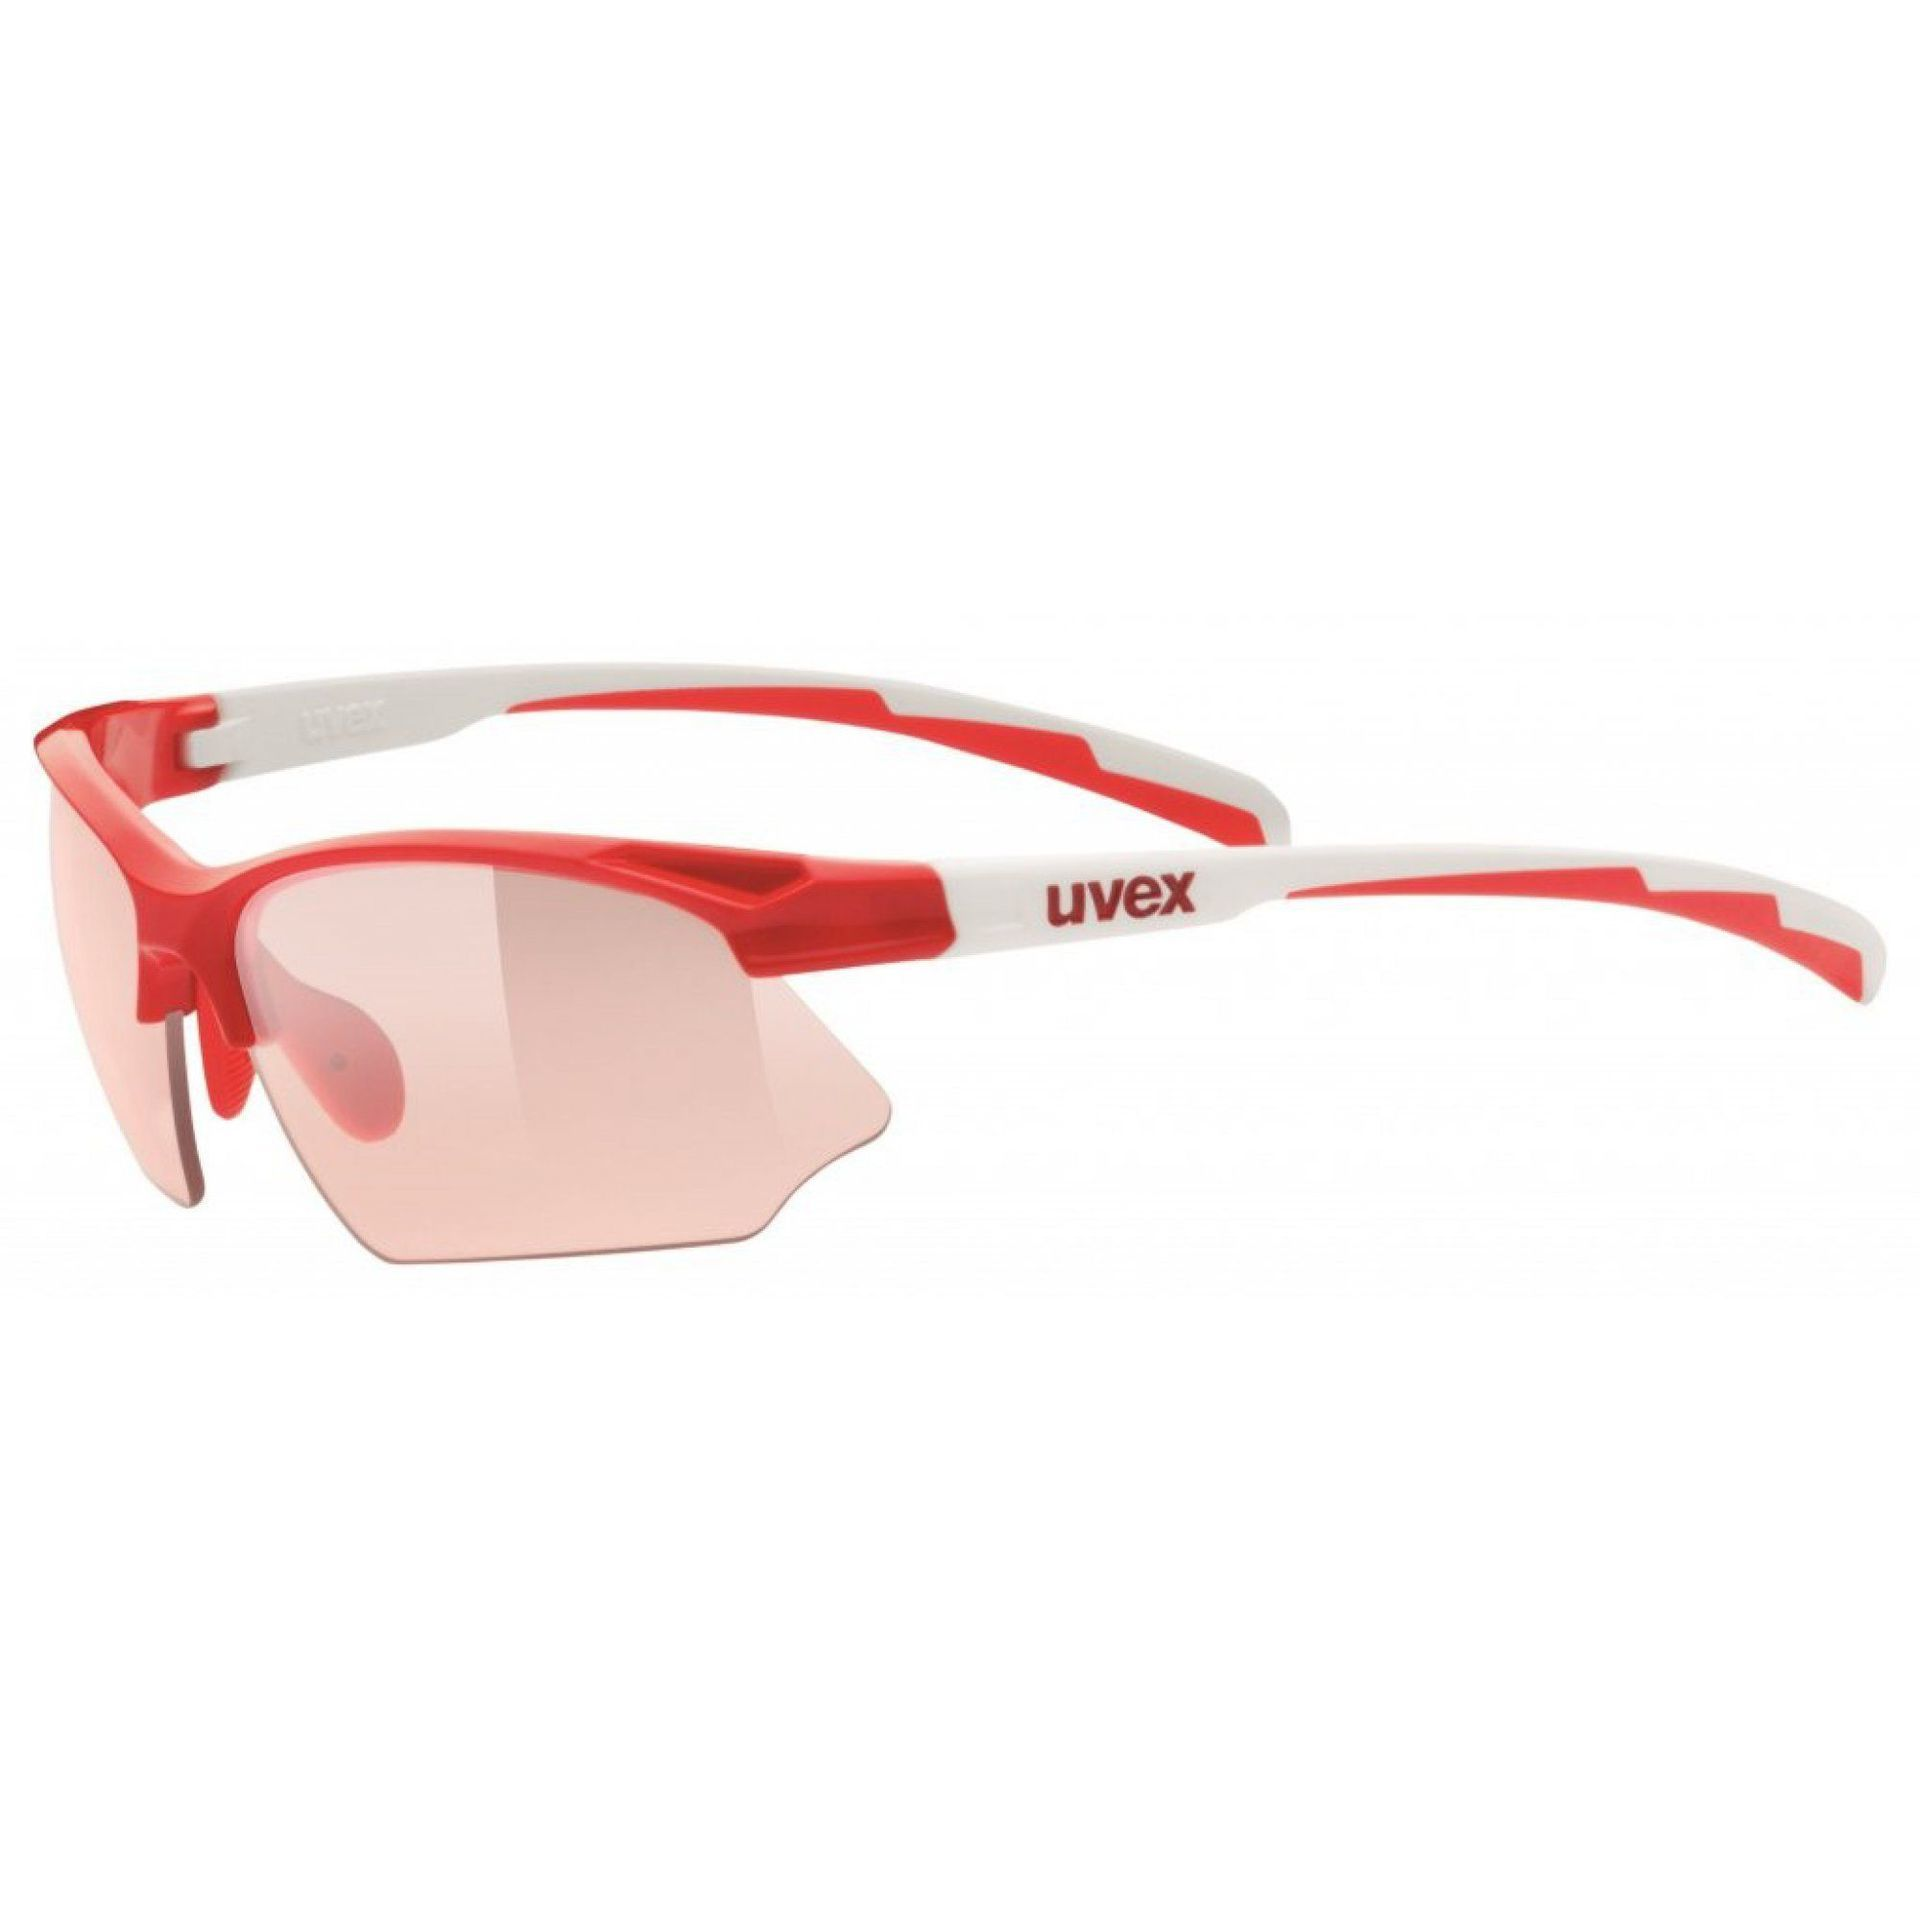 OKULARY UVEX SPORTSTYLE 802 V RED WHITE